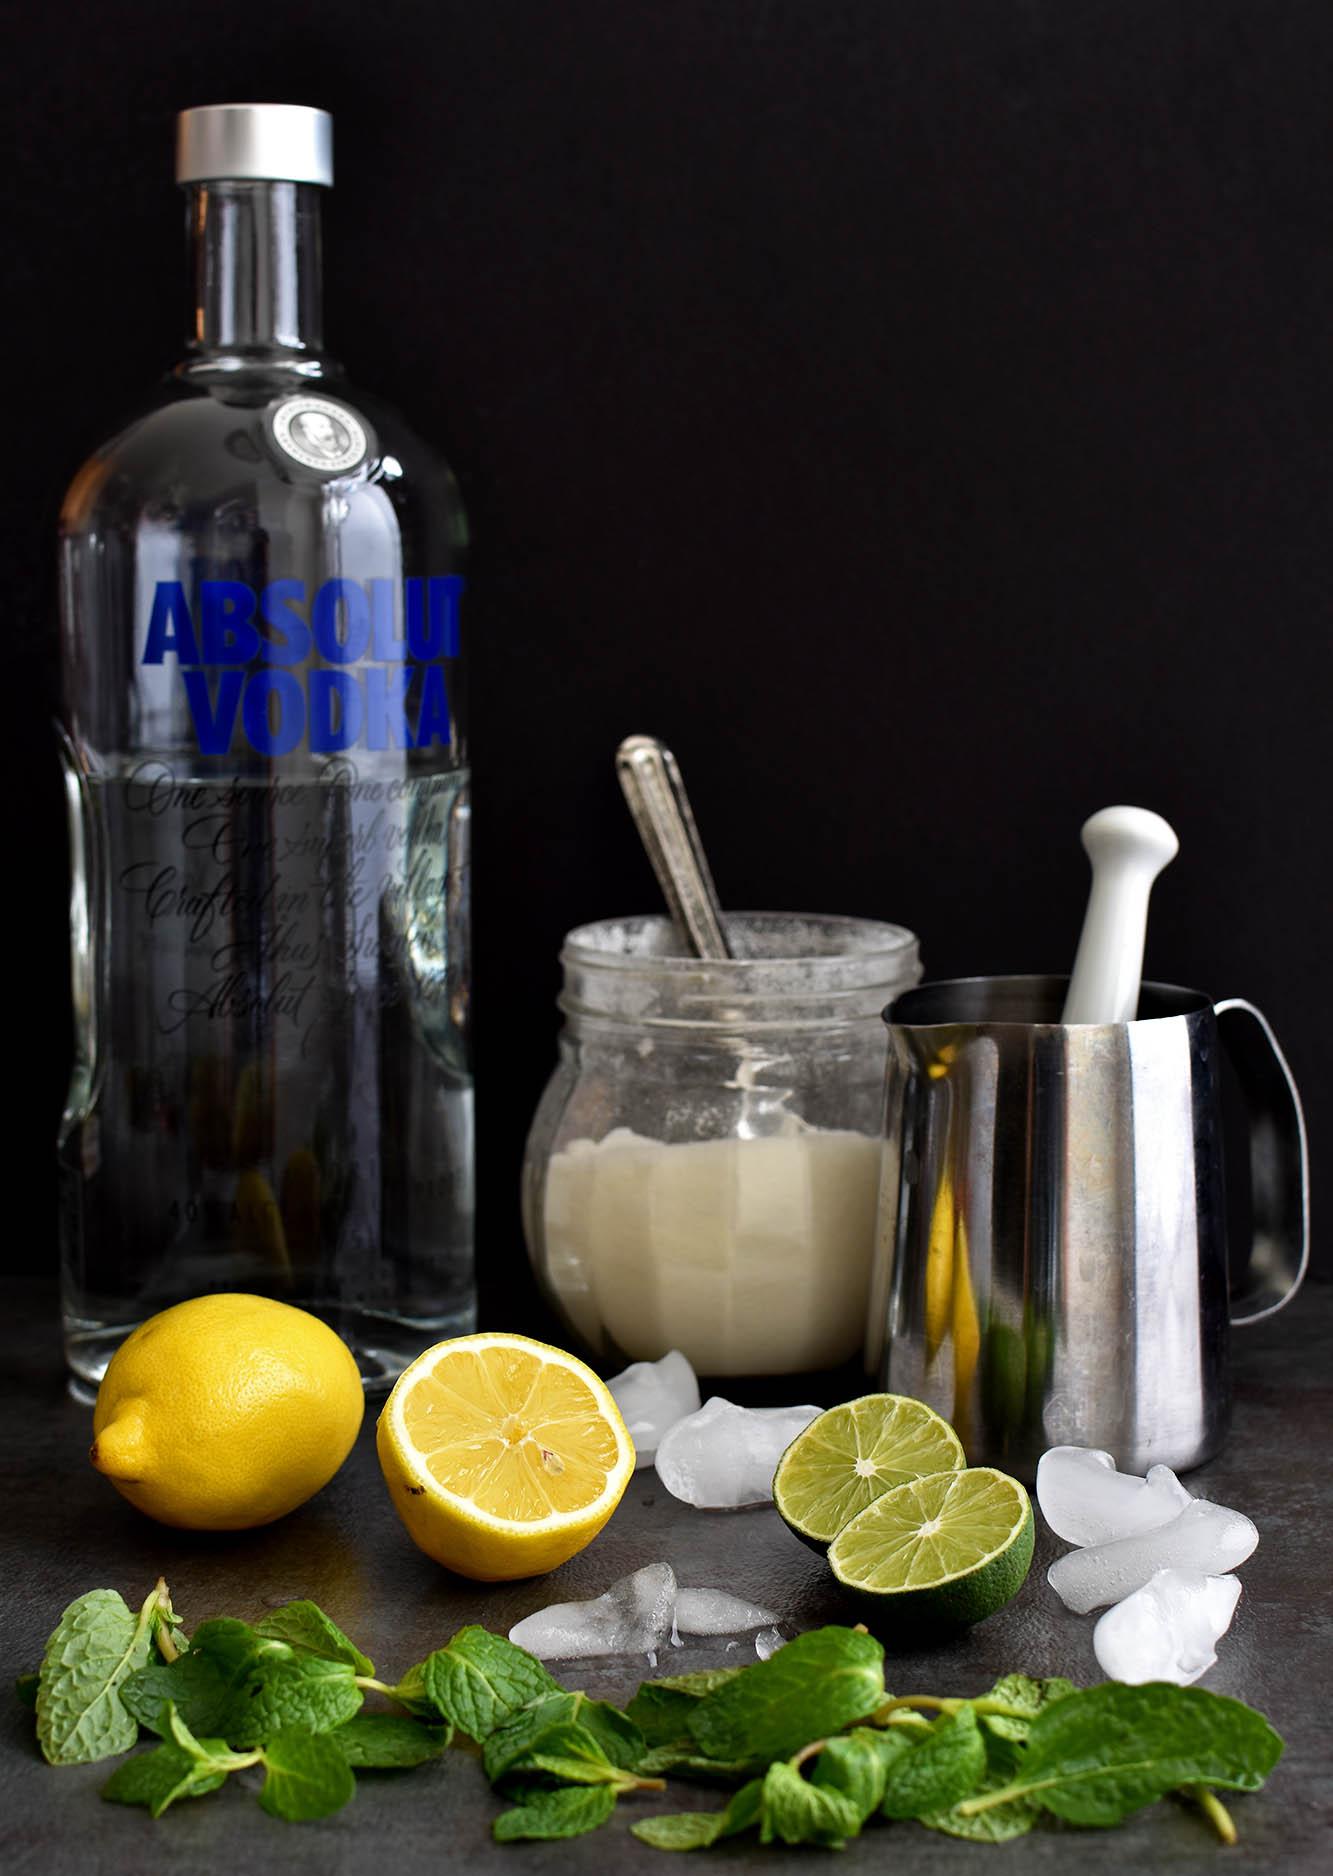 Coastal Mojito - Pepper Delight #pepperdelightblog #recipe #drink #mojito #summerdrink #cocktail #festival #classicmojito #cuban #vodkamojito #partydrink #gameday #vodka #sprite